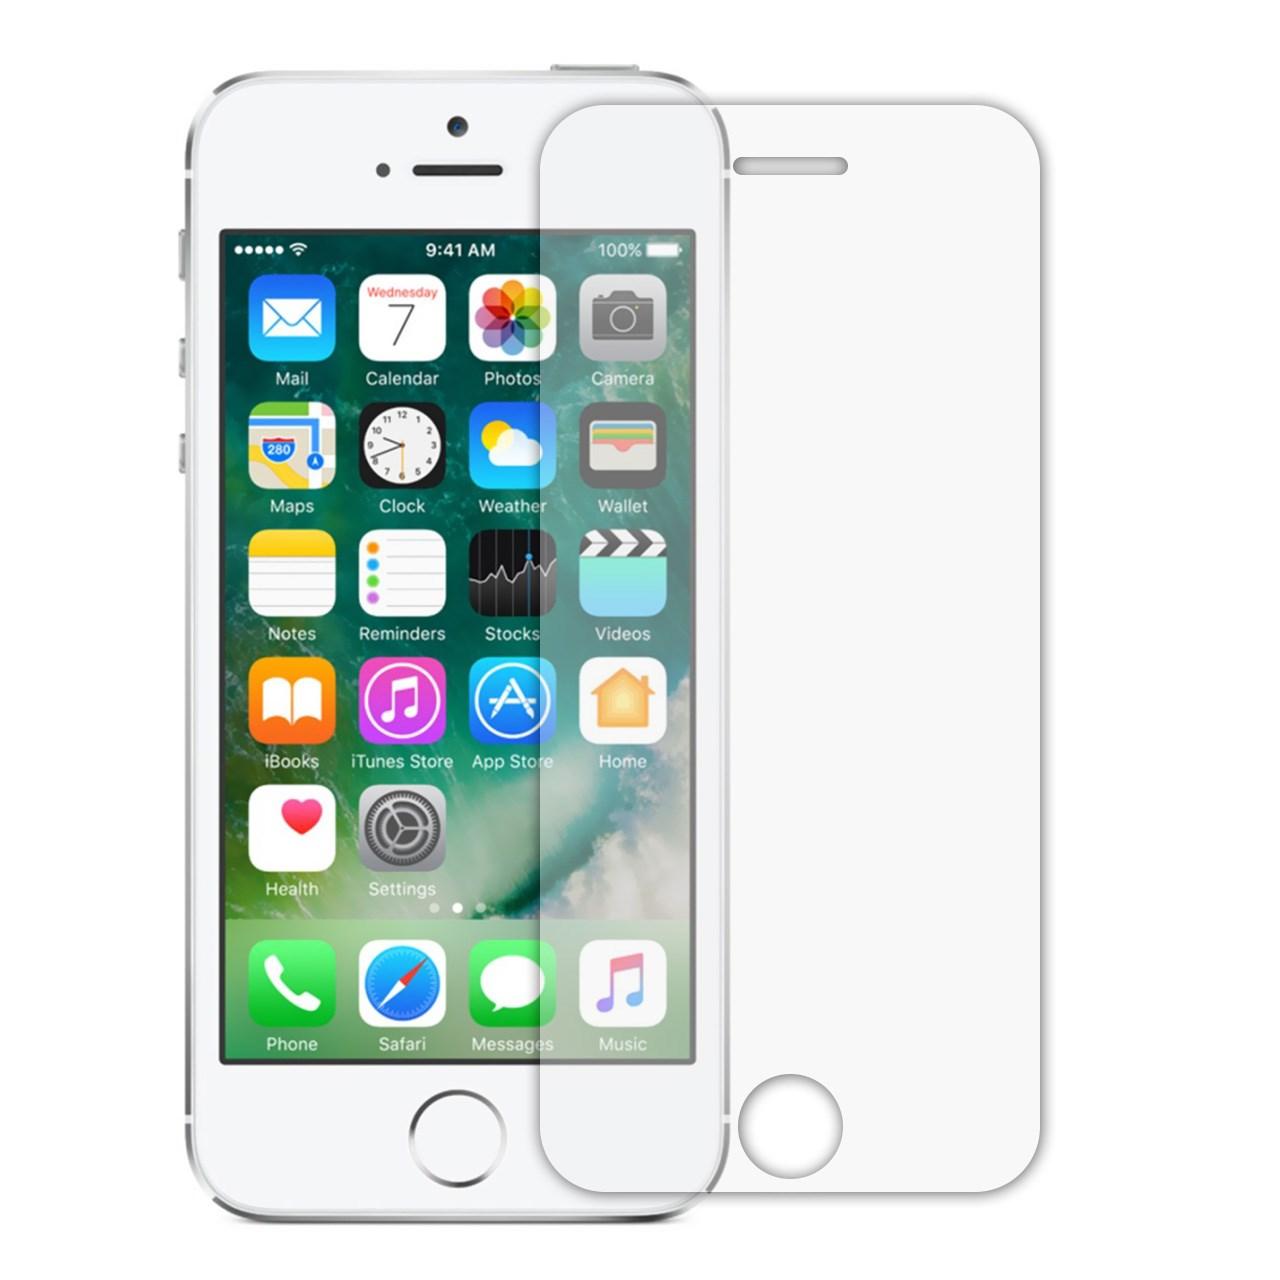 محافظ صفحه نمایش شیشه ای تمپرد مناسب برای گوشی موبایل اپل iPhone 5/5S/SE              ( قیمت عمده )